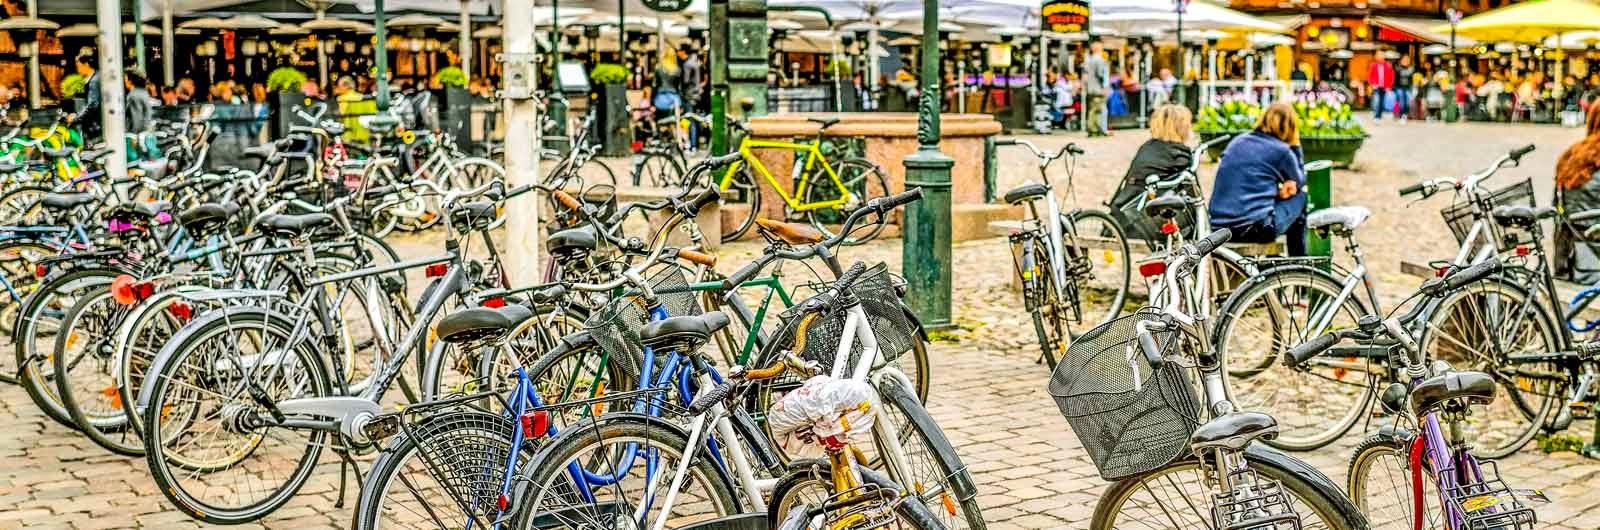 Cyklar på ett torg i Malmö